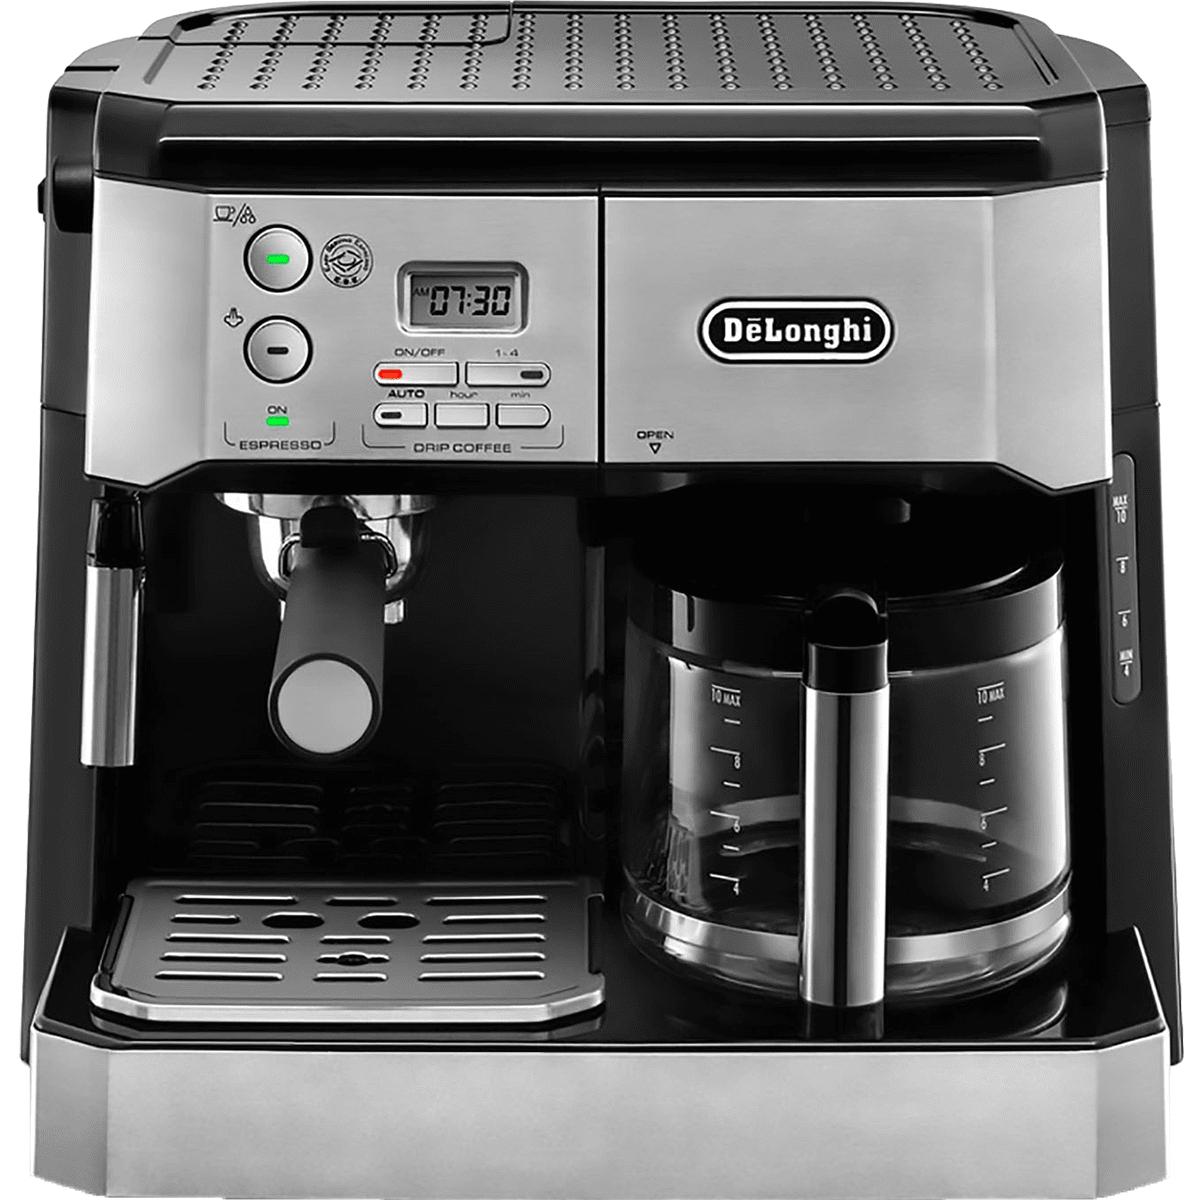 DeLonghi Combination Espresso Machine & 10 Cup Coffee Maker - BCO430